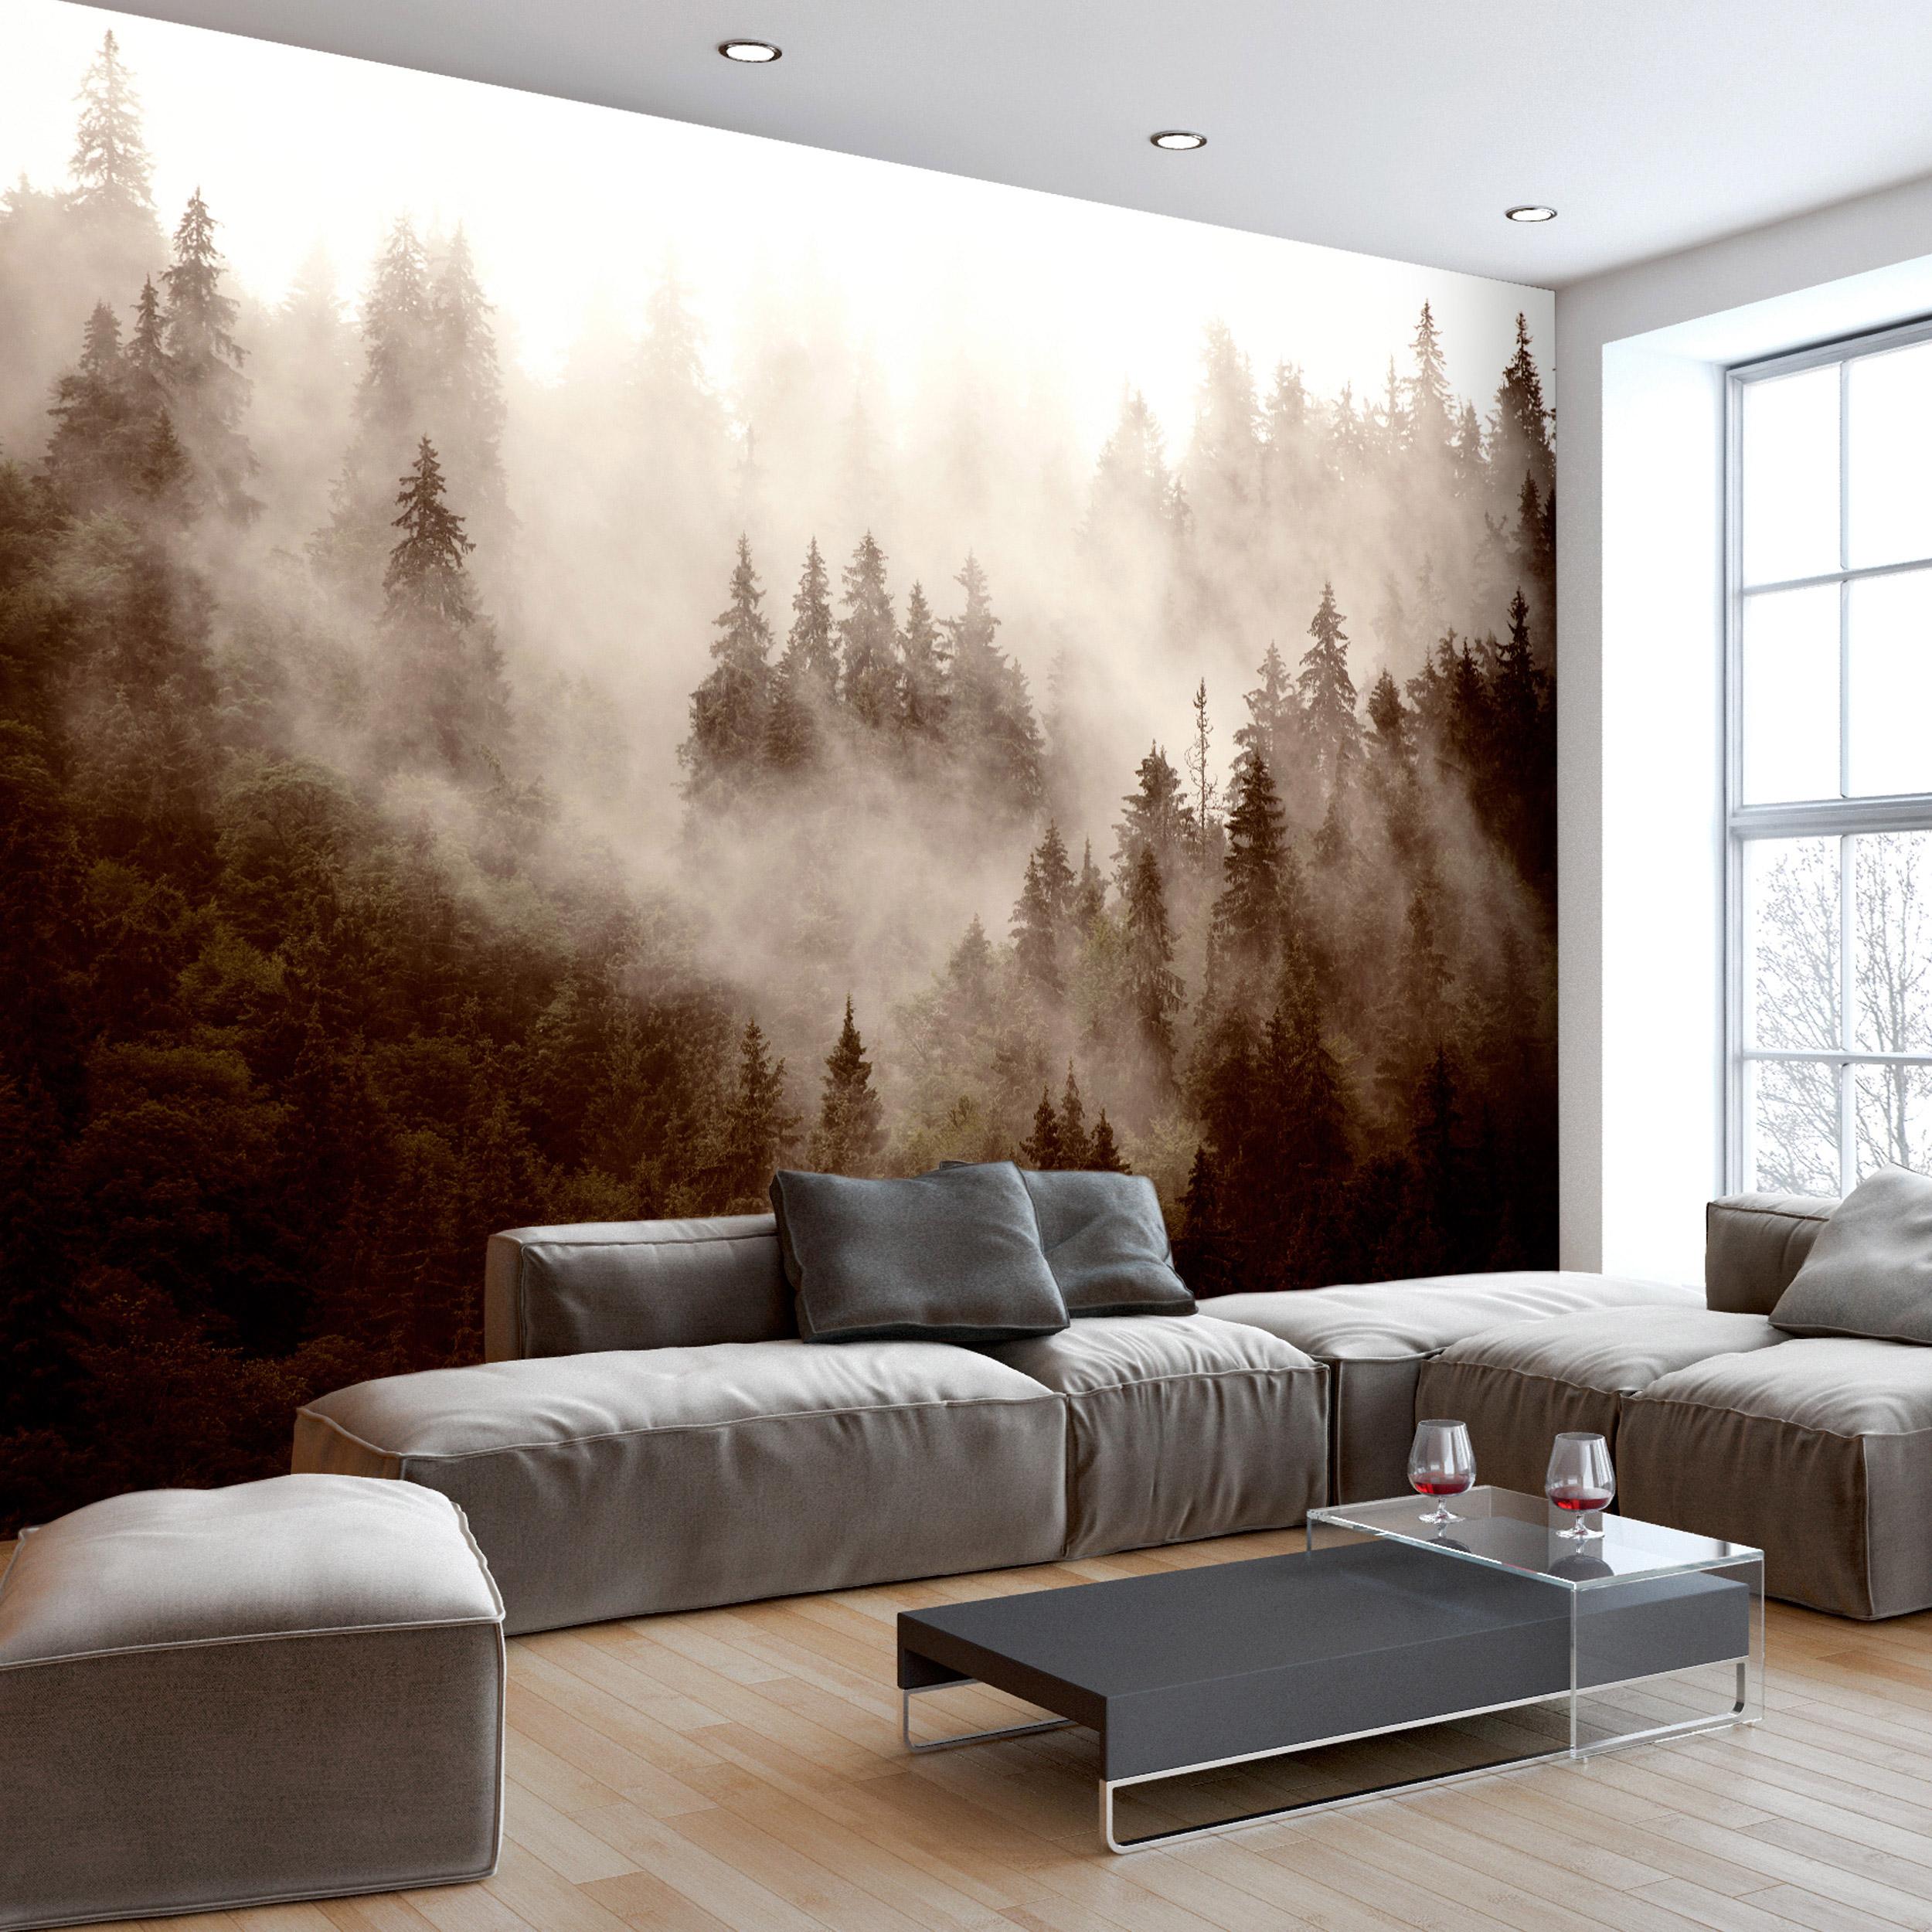 Full Size of Wanddeko Wohnzimmer Ikea Modern Ebay Amazon Bilder Metall Silber Diy Ideen Holz Selber Machen Wald Vlies Fototapete Tapeten Xxl 3 Motiv Teppiche Deckenlampen Wohnzimmer Wanddeko Wohnzimmer